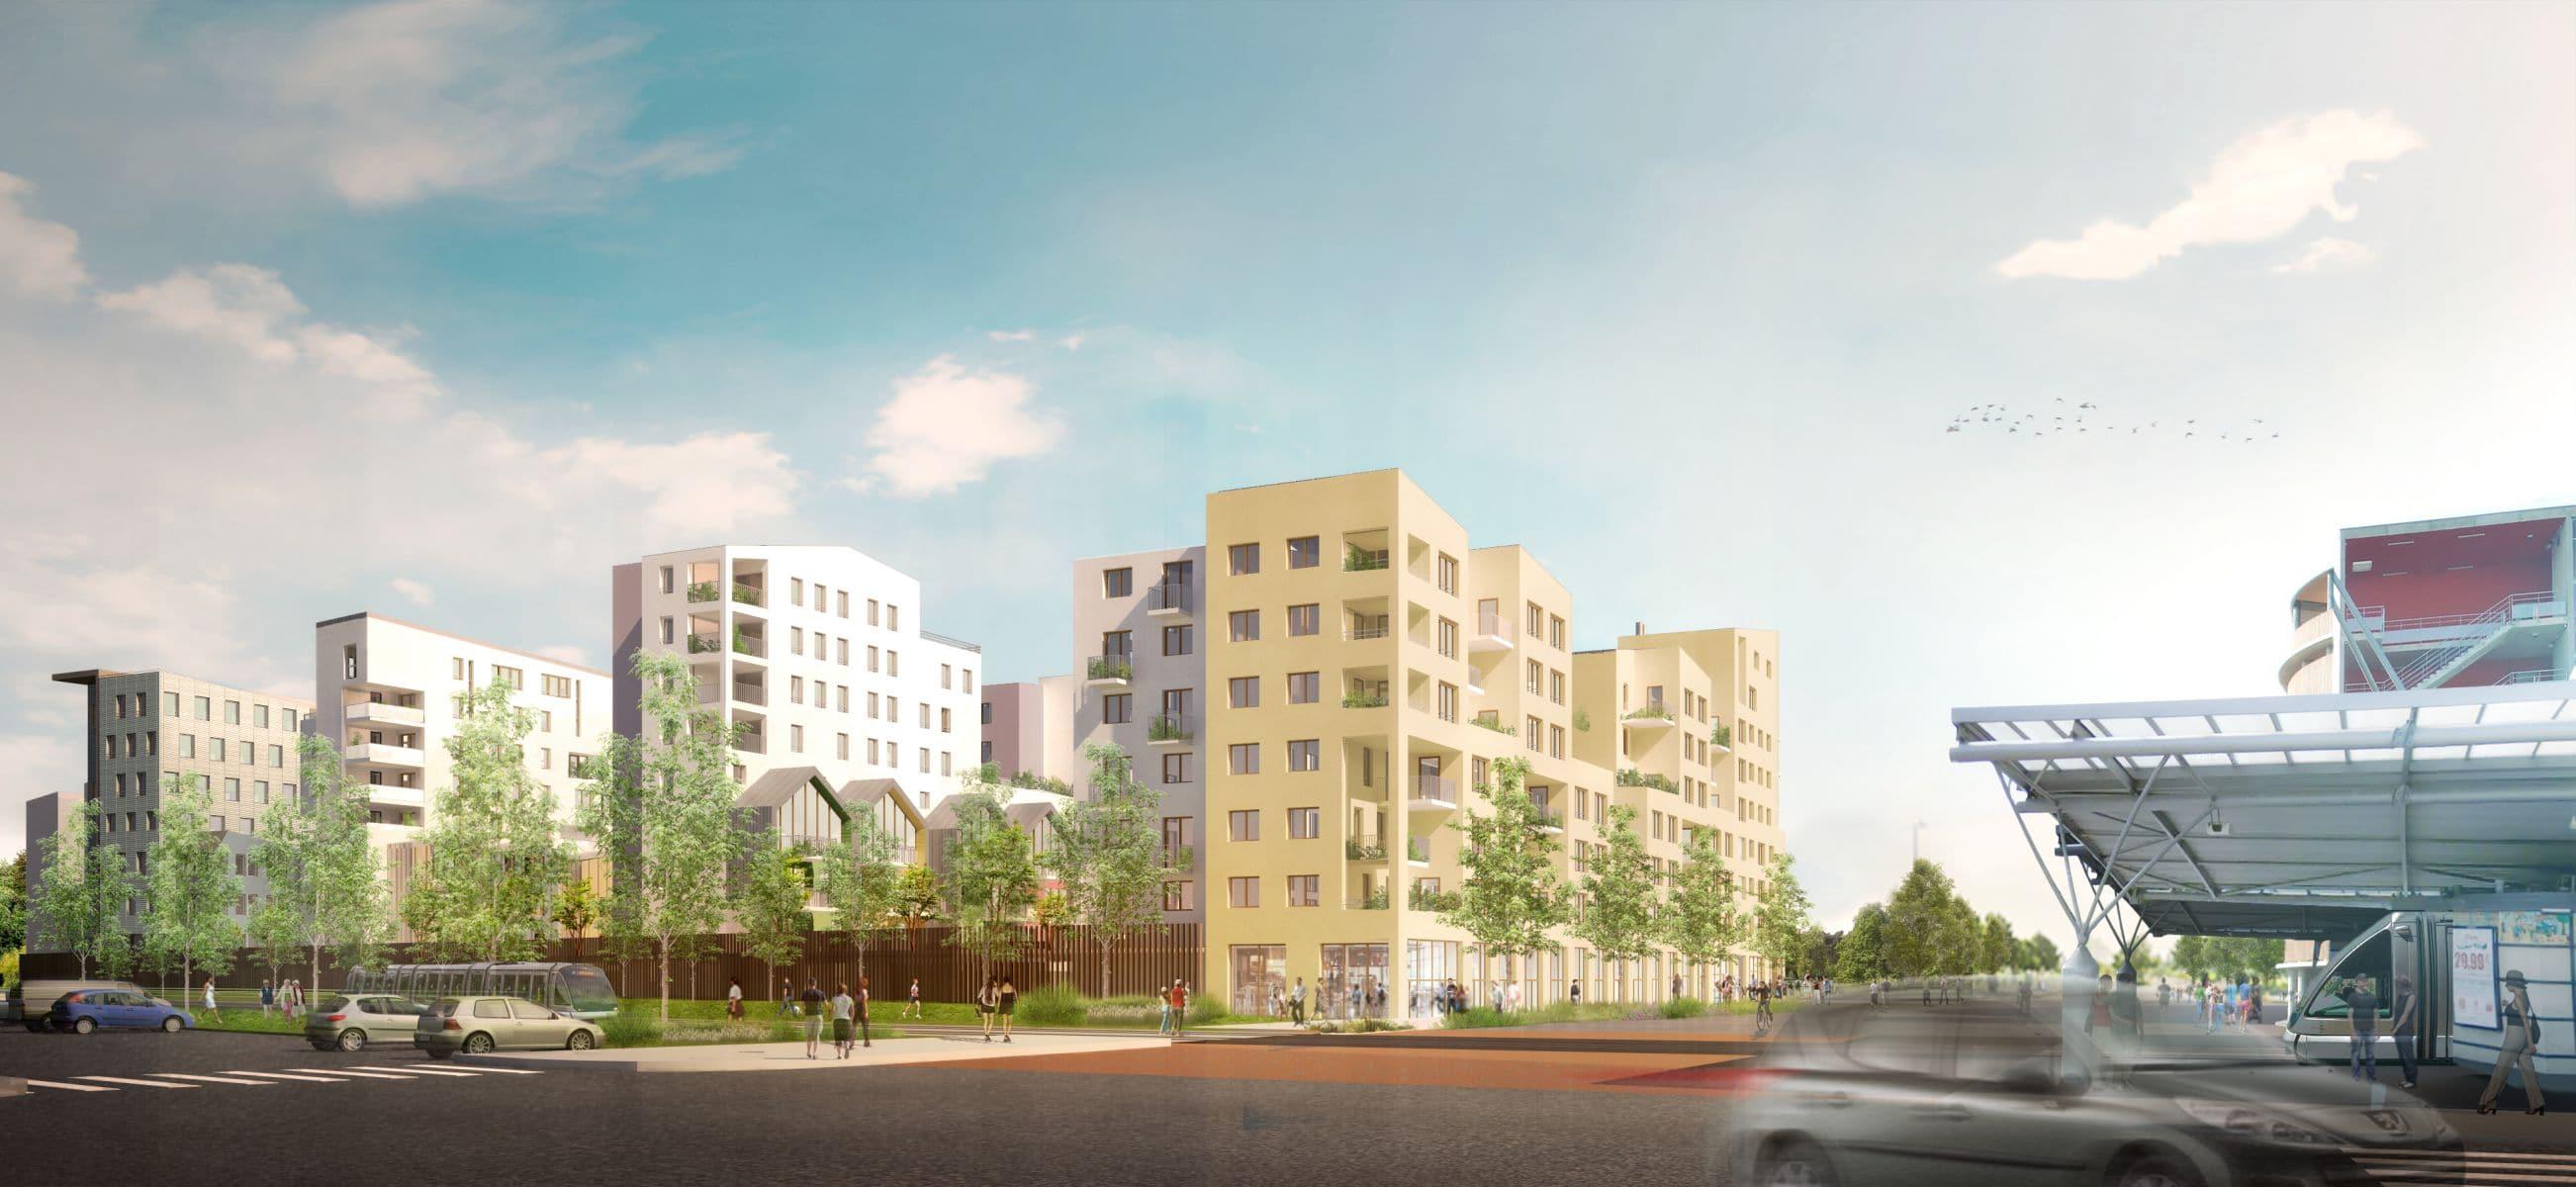 strasbourg un projet immobilier va bouleverser le quartier de cronenbourg. Black Bedroom Furniture Sets. Home Design Ideas